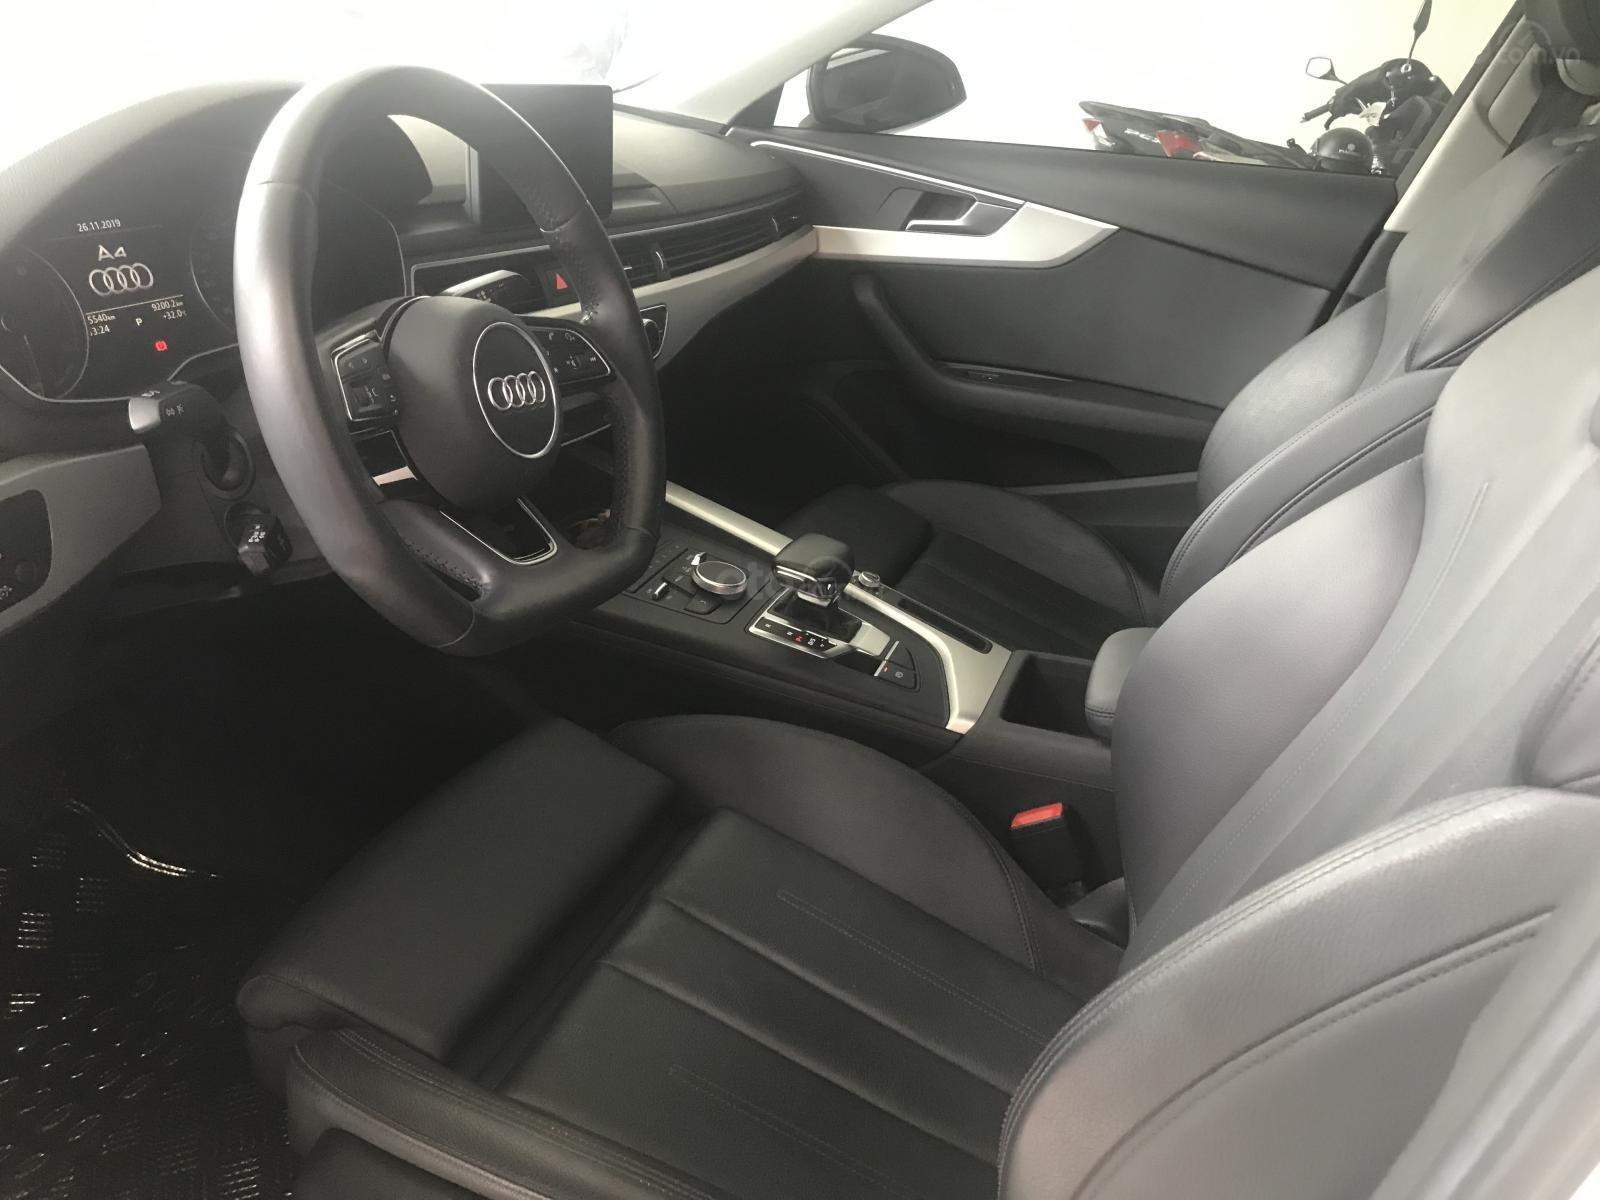 Bán Audi A4 2016 xe đi 25.000km, bảo hành chính hãng, mẫu mới nhất hiện nay, chất lượng xe bao kiểm tra hãng (6)